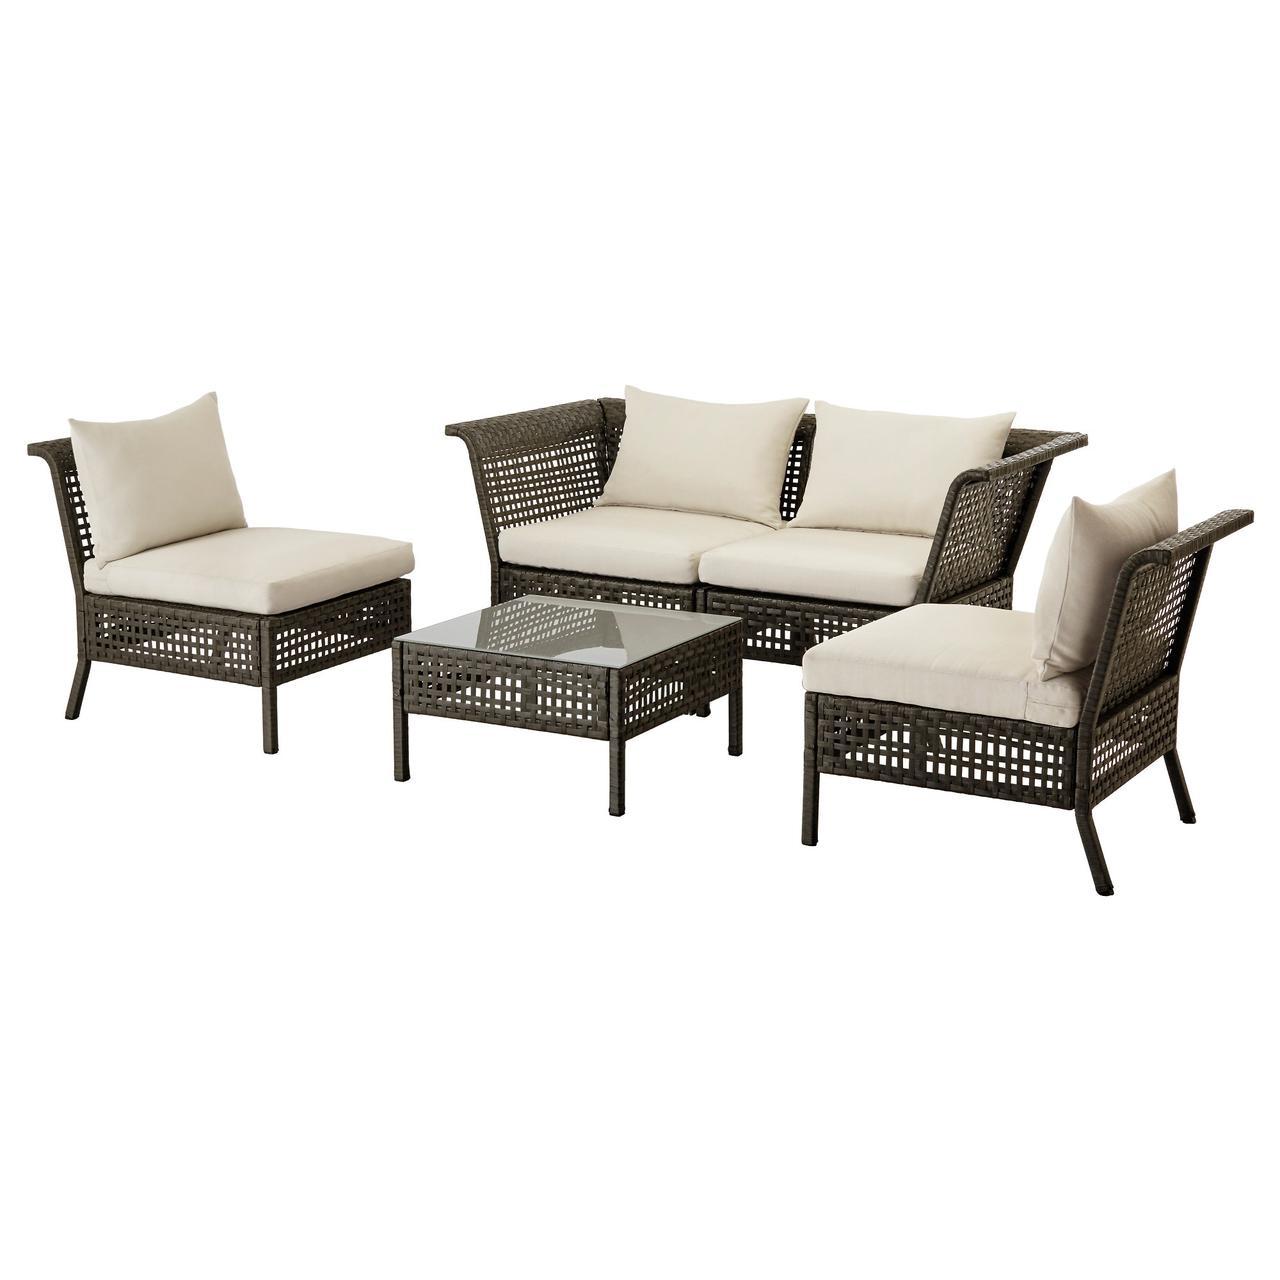 КУНГСХОЛЬМЕН 4-местный комплект садовой мебели, черно-коричневый, Холло бежевый